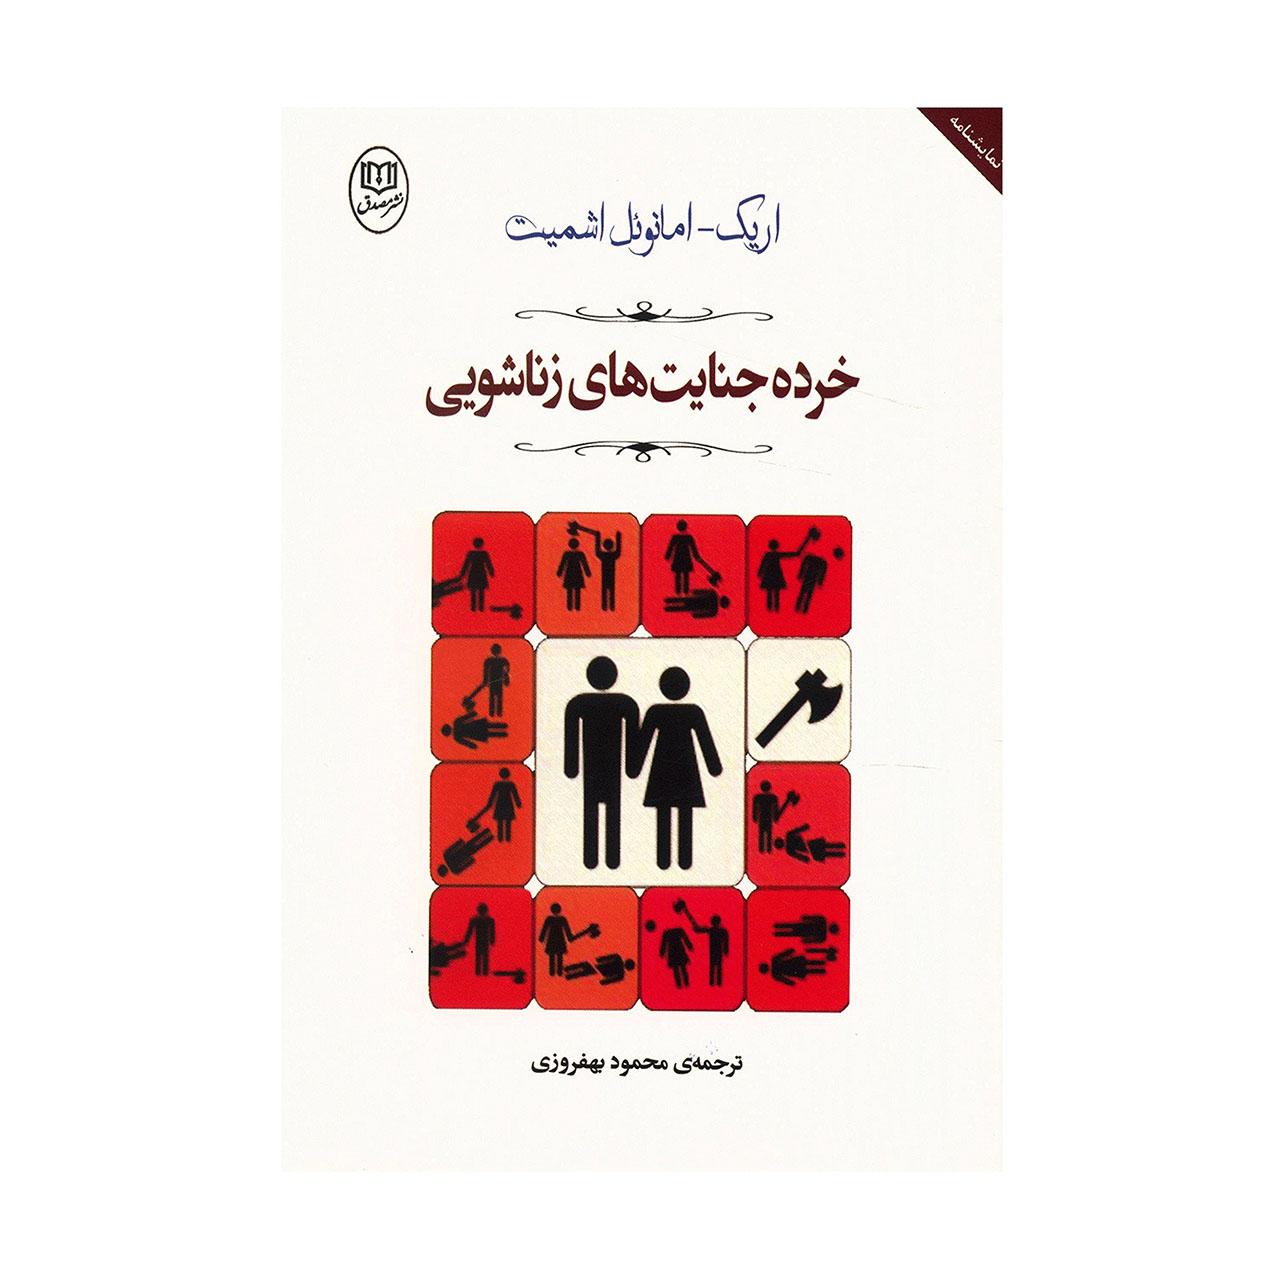 خرید                      کتاب خرده جنایت های زناشویی اثر اریک امانوئل اشمیت